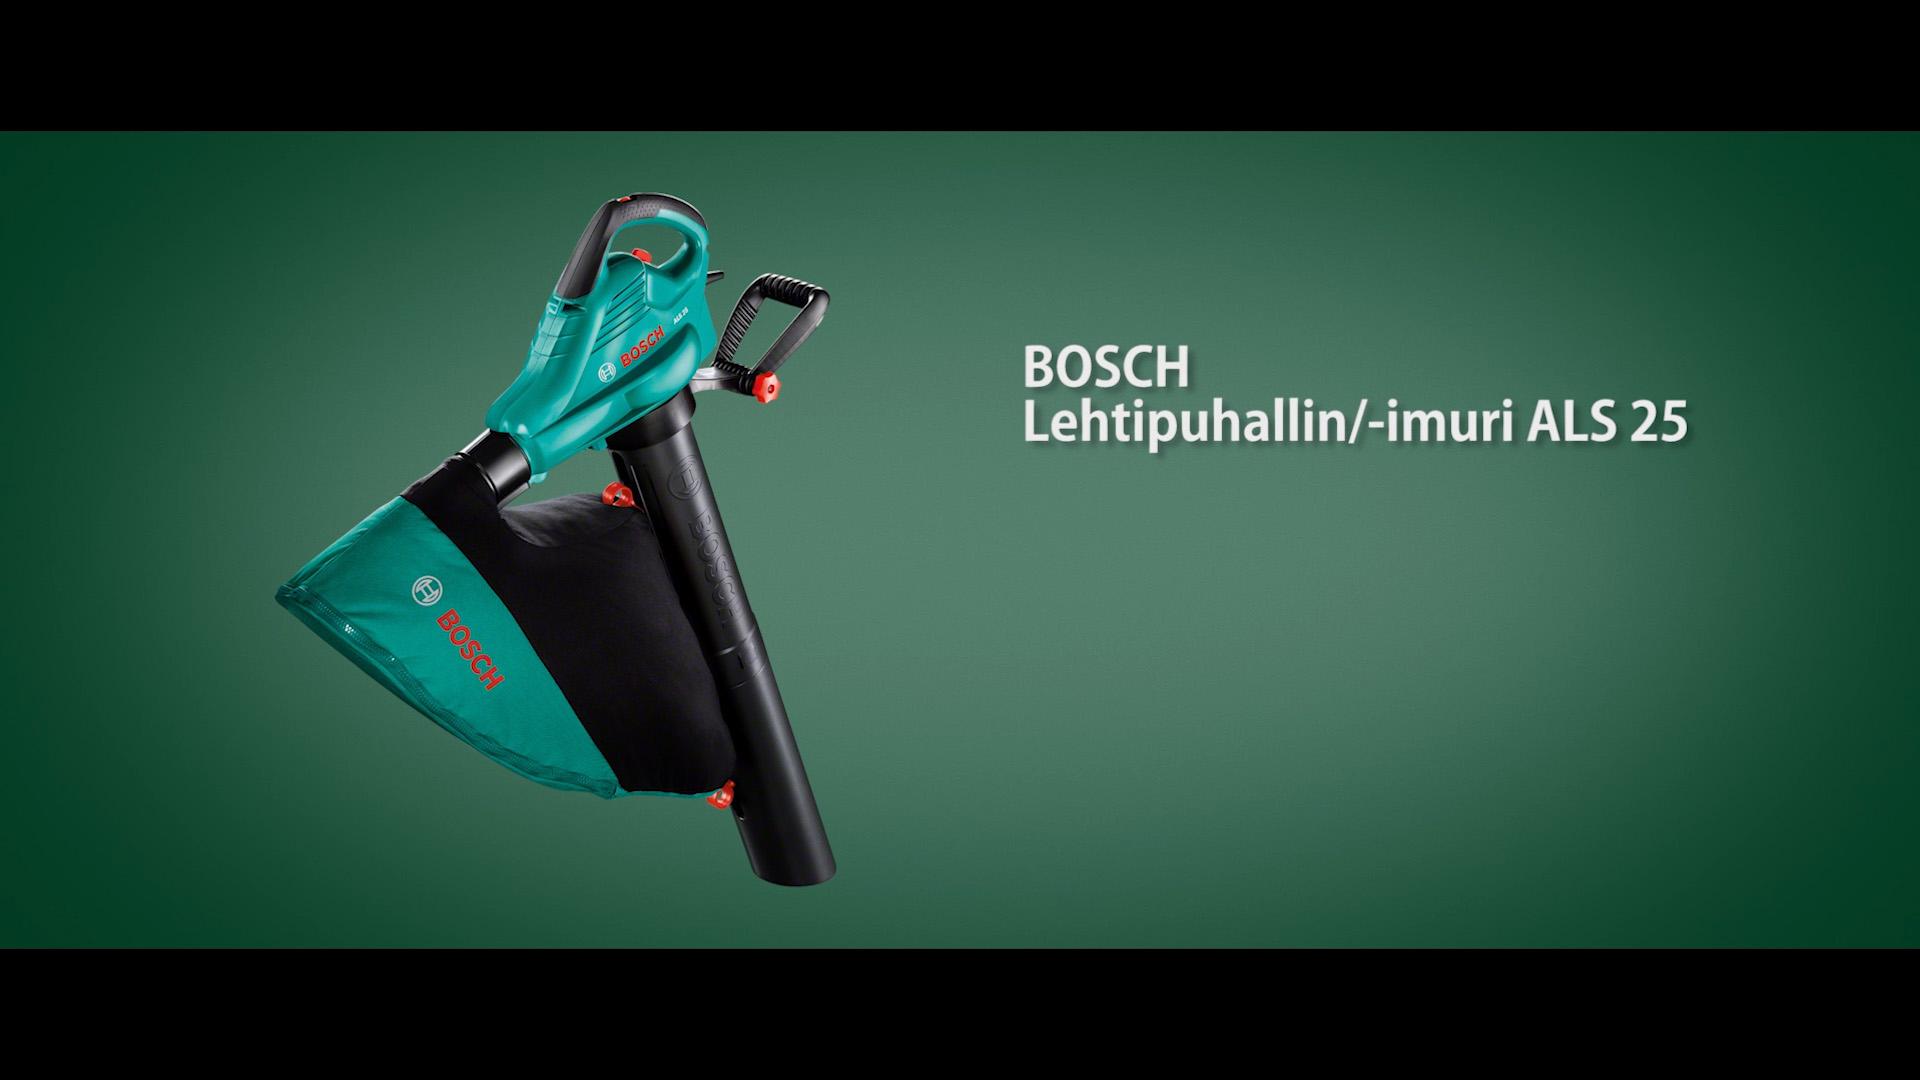 Boschin puutarhaimuri/-puhallin ALS 25 on tehokas apu puutarhassa.